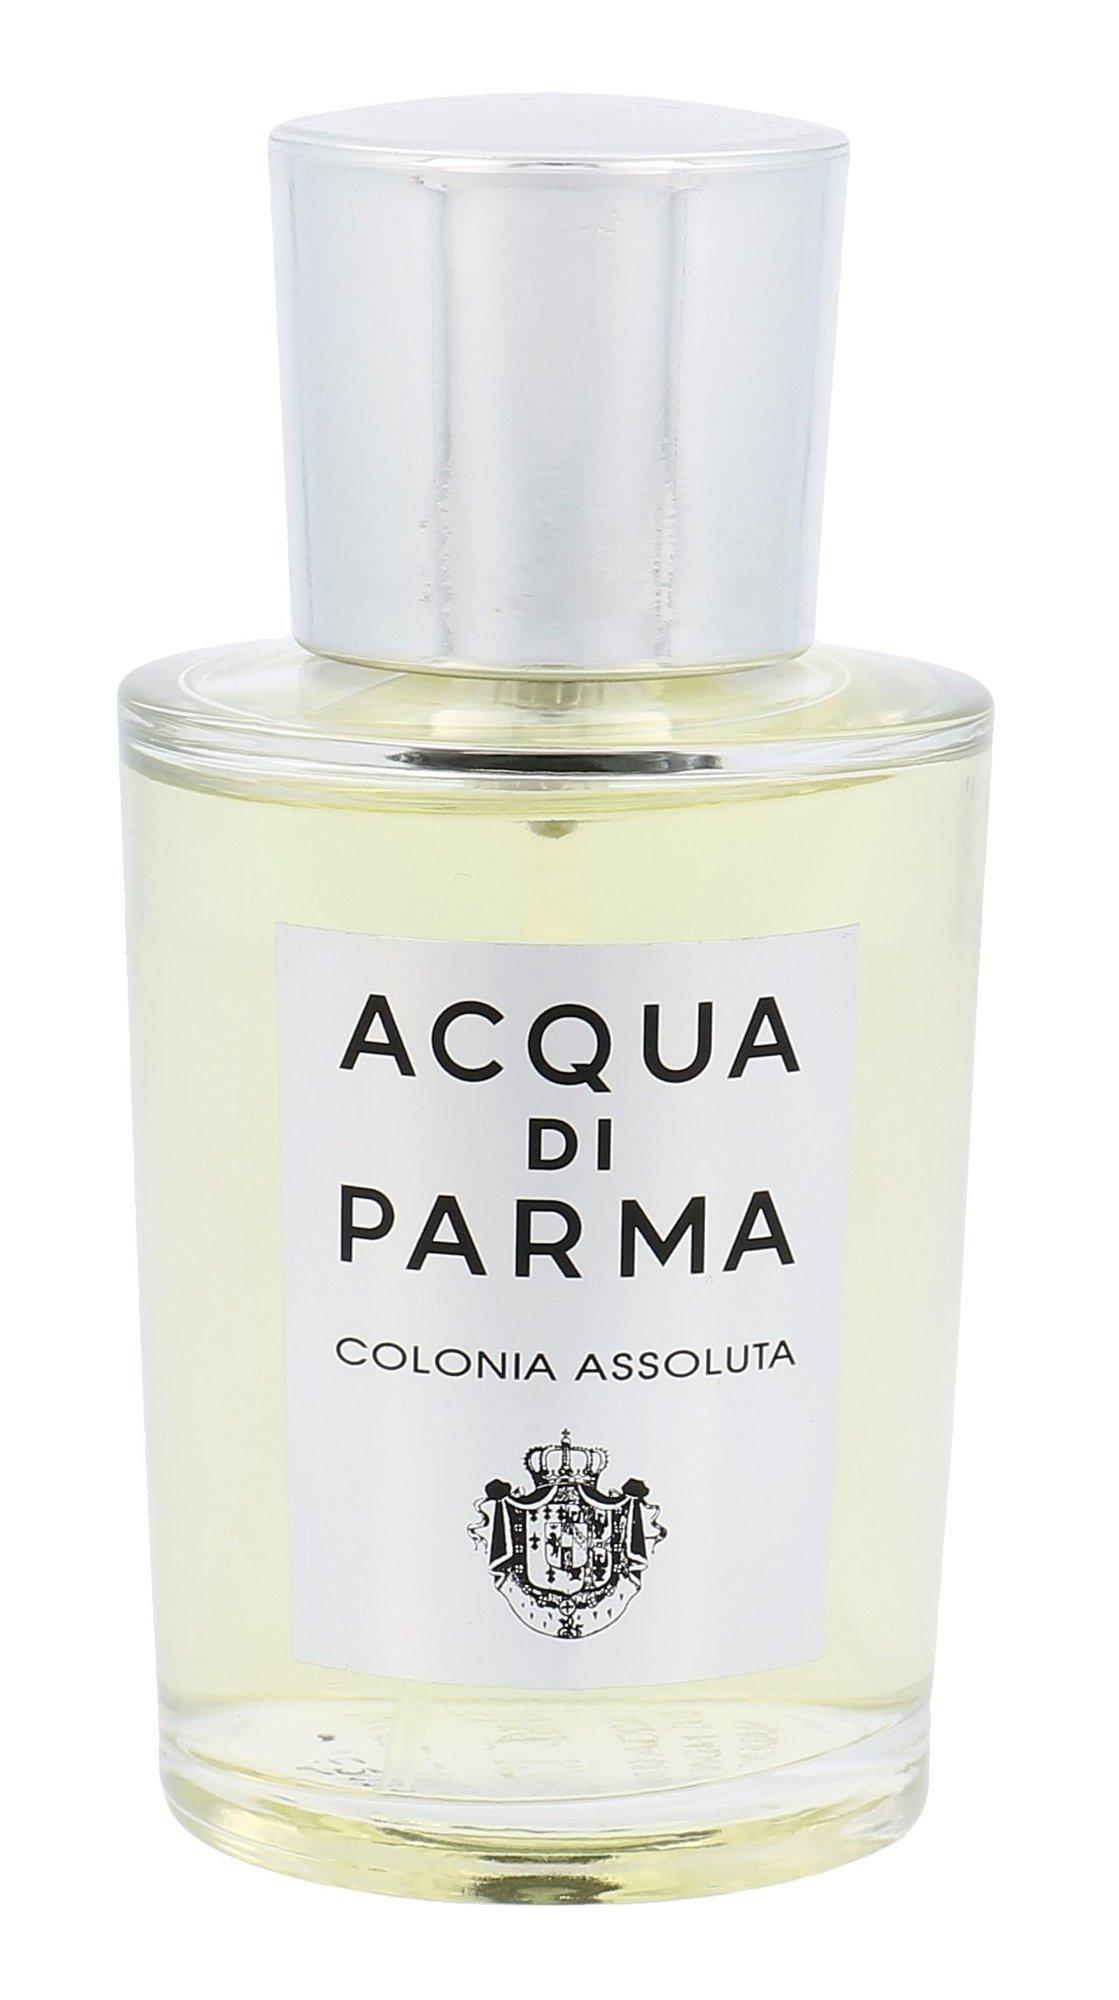 Acqua di Parma Colonia Assoluta Cologne 50ml